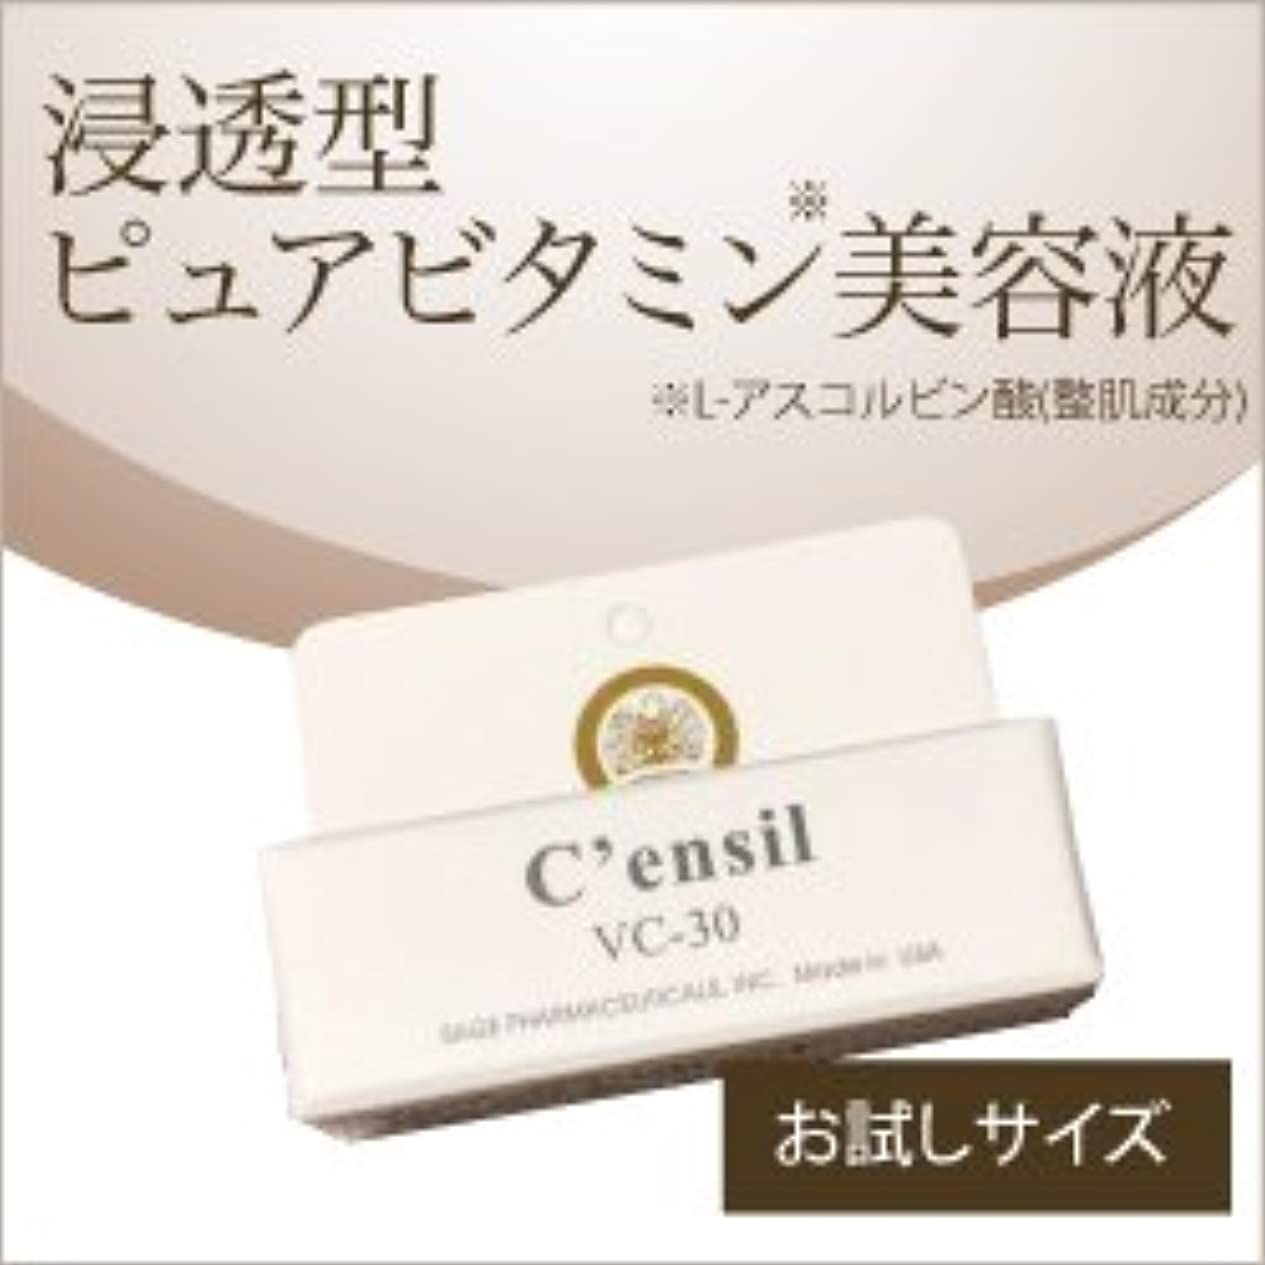 木材崖手配するセンシル C'ensil VC-30 ミニ 2ml 美容液